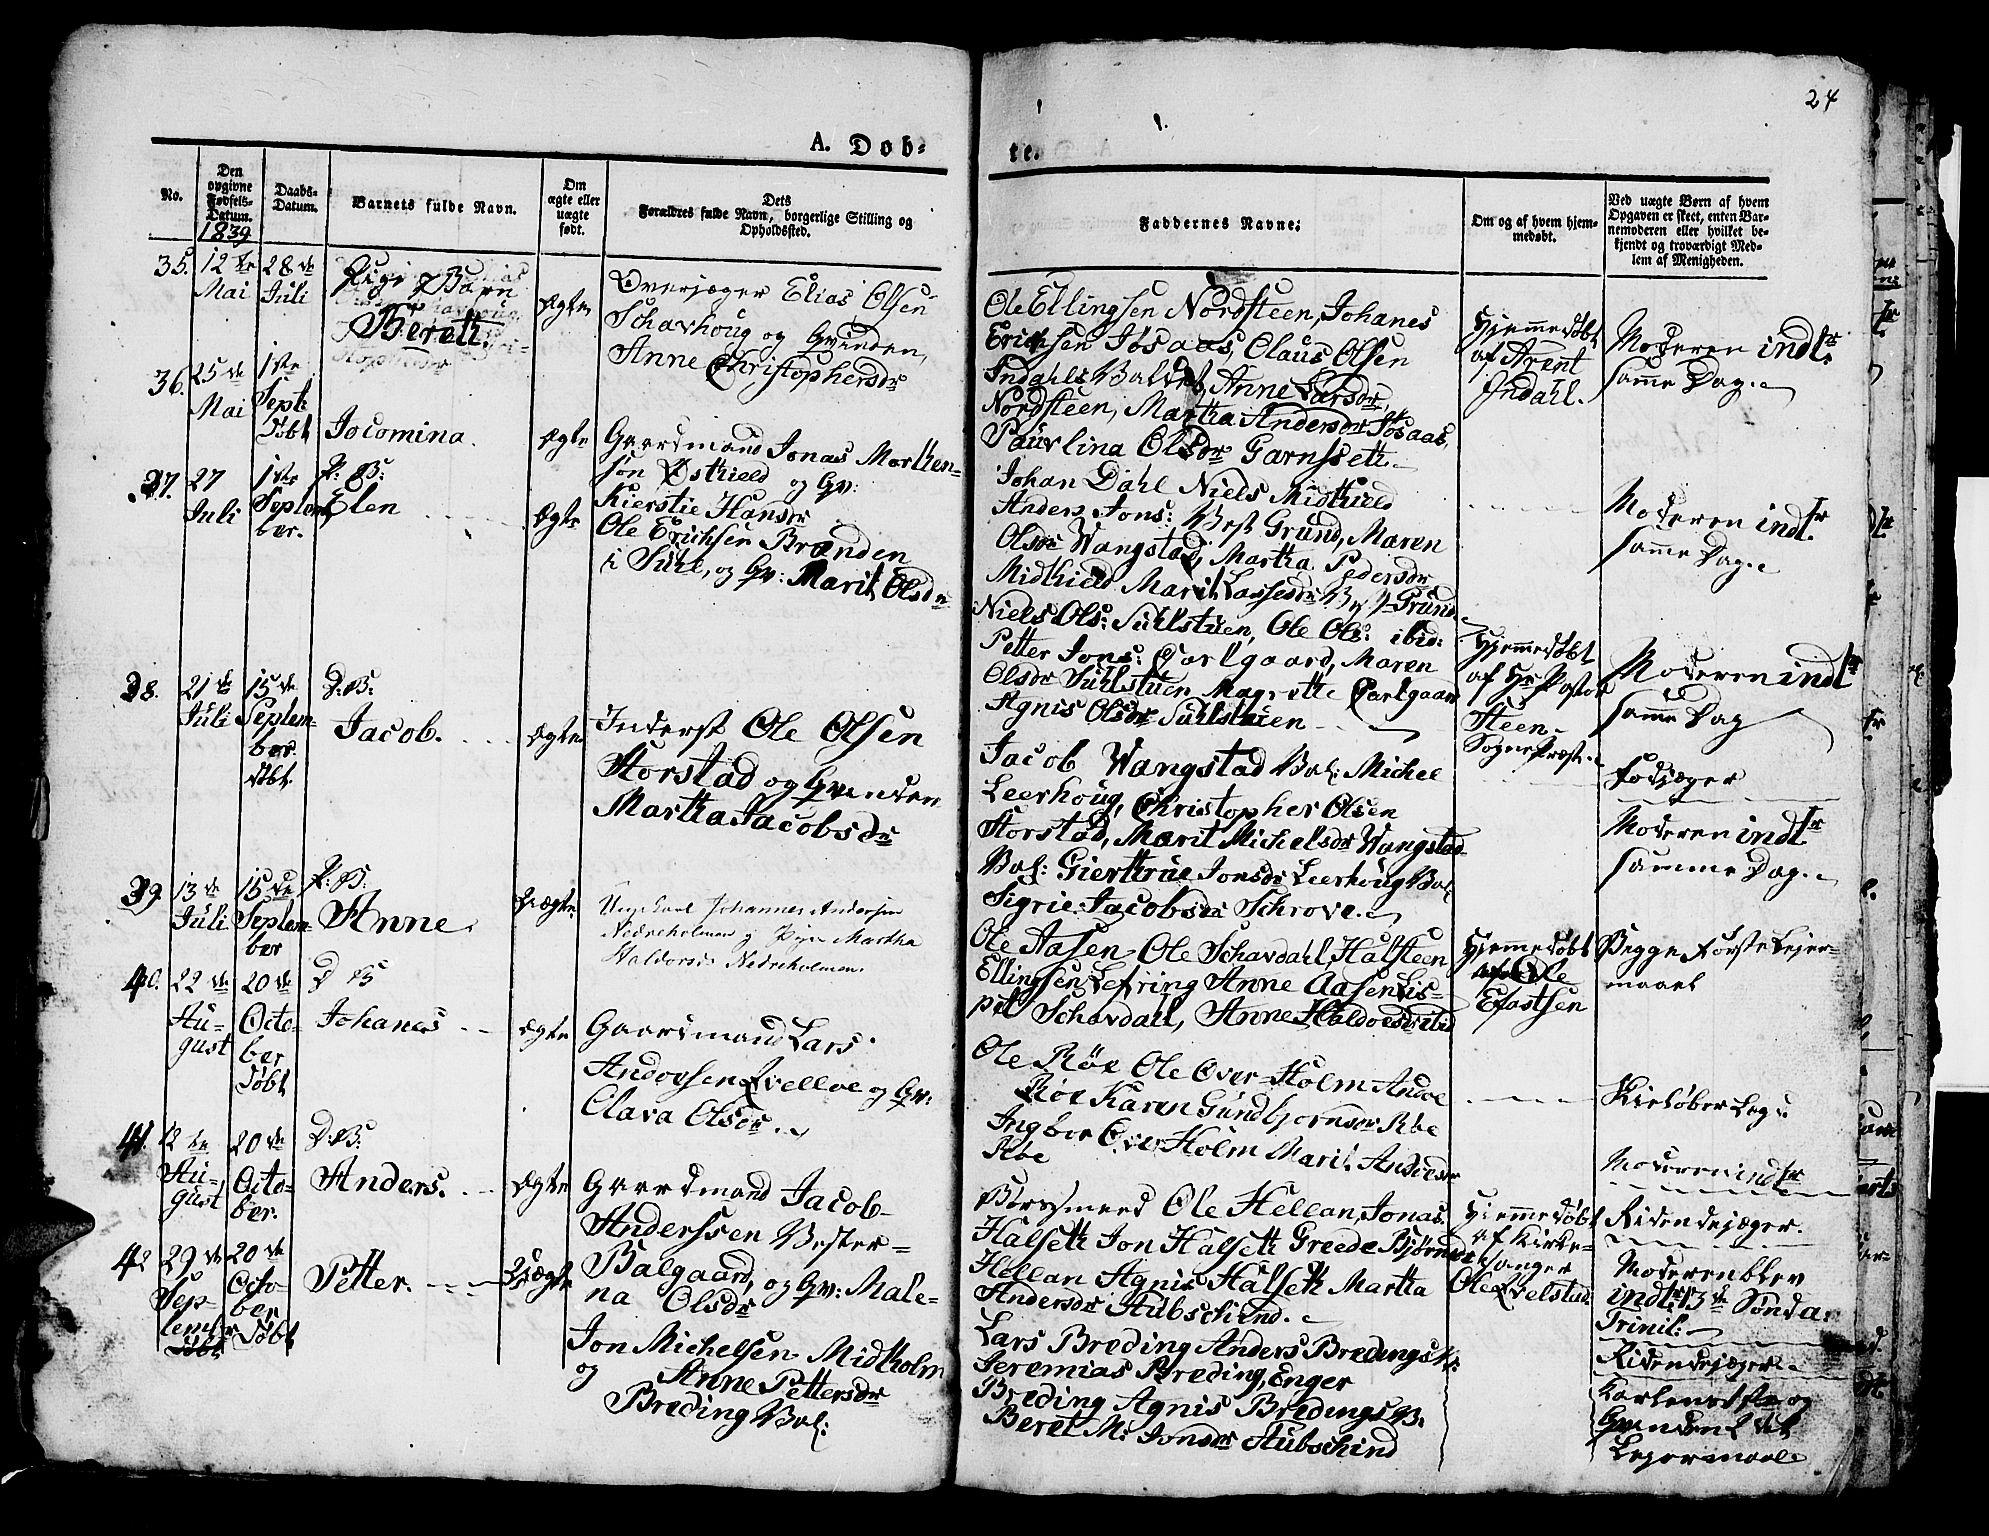 SAT, Ministerialprotokoller, klokkerbøker og fødselsregistre - Nord-Trøndelag, 724/L0266: Klokkerbok nr. 724C02, 1836-1843, s. 24